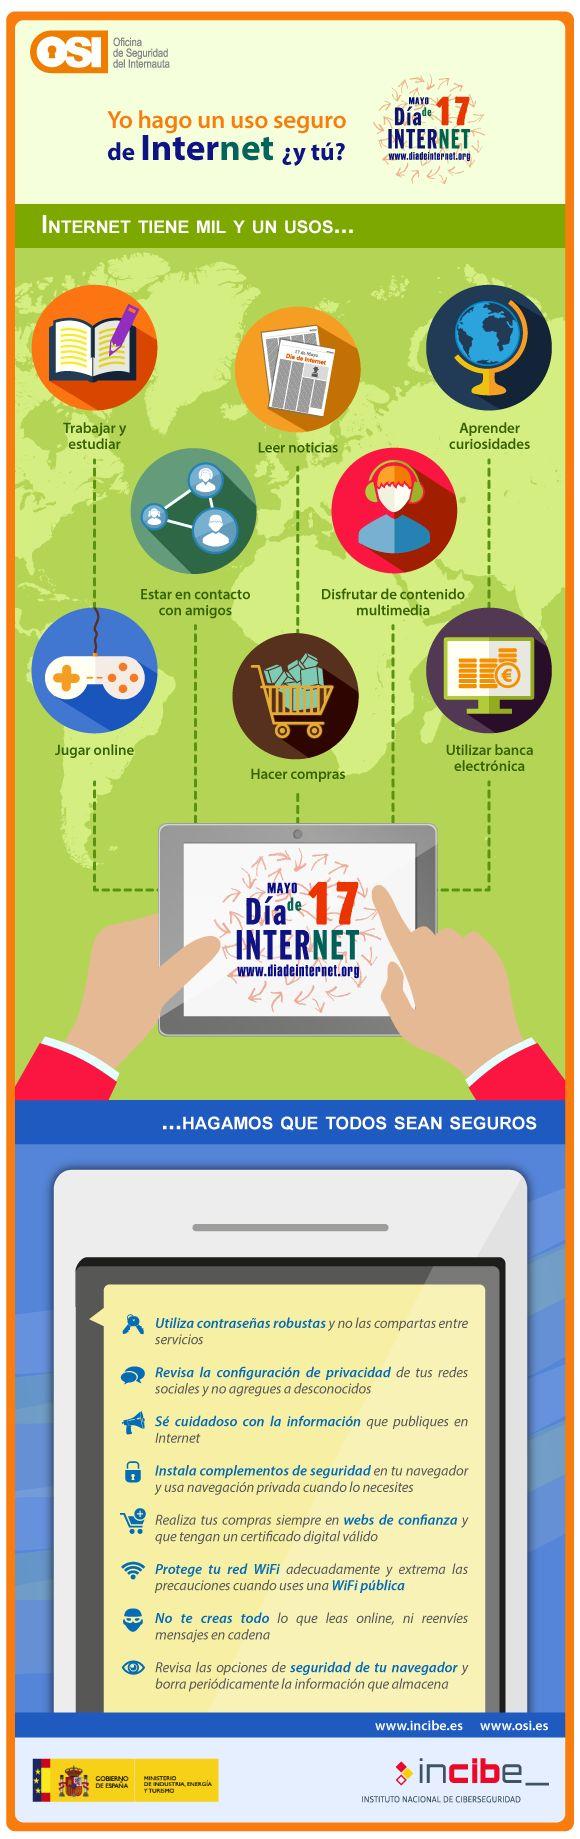 Cómo hacer un uso seguro de Internet #infografia